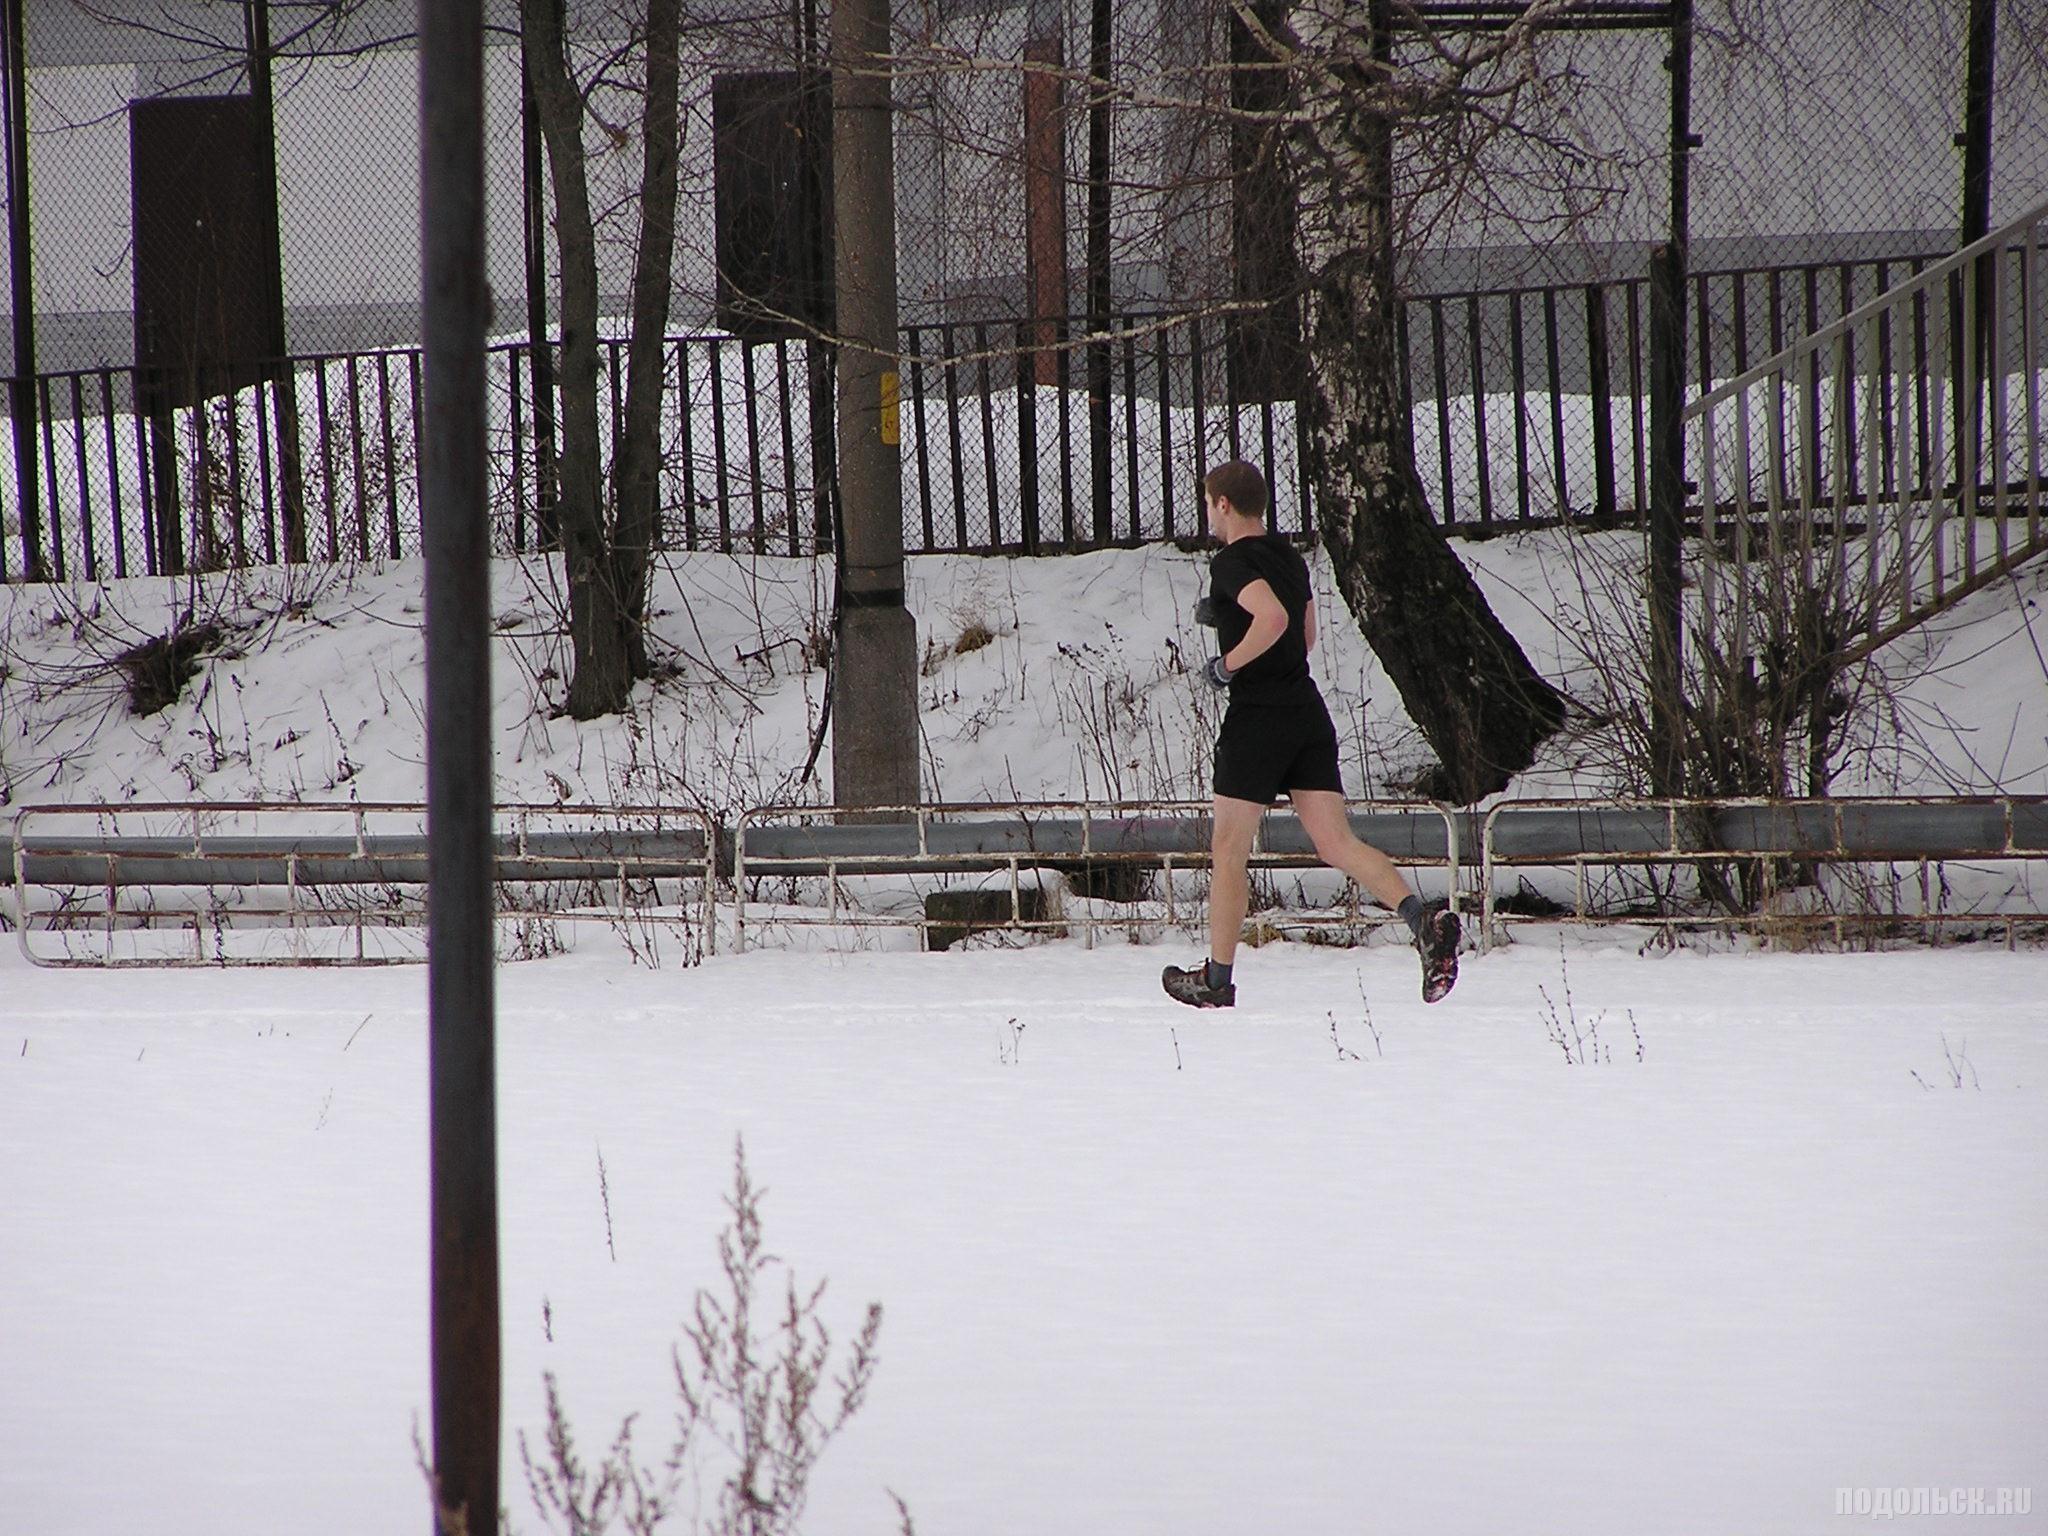 Закаленный бегун на снегу. Климовск. 23.02.2016.